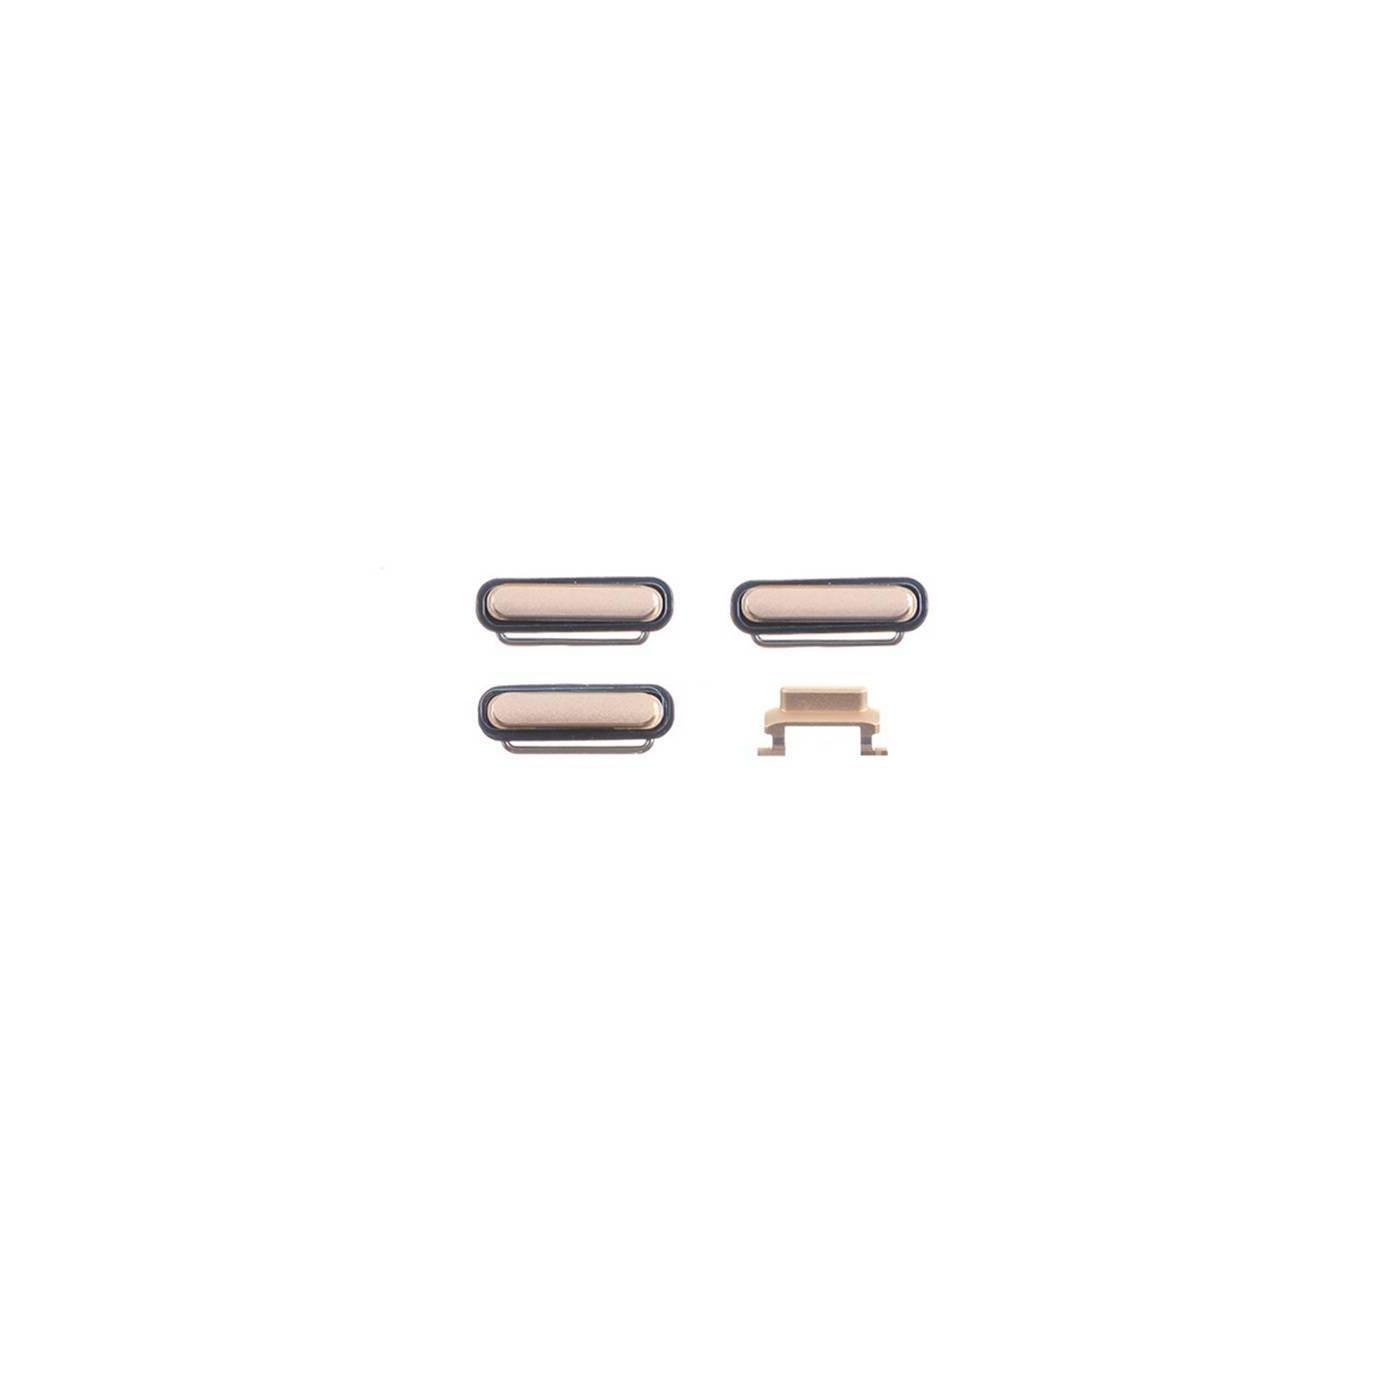 kit 3 in 1 tasti per apple iphone 6 gold accensione volume e silenzioso